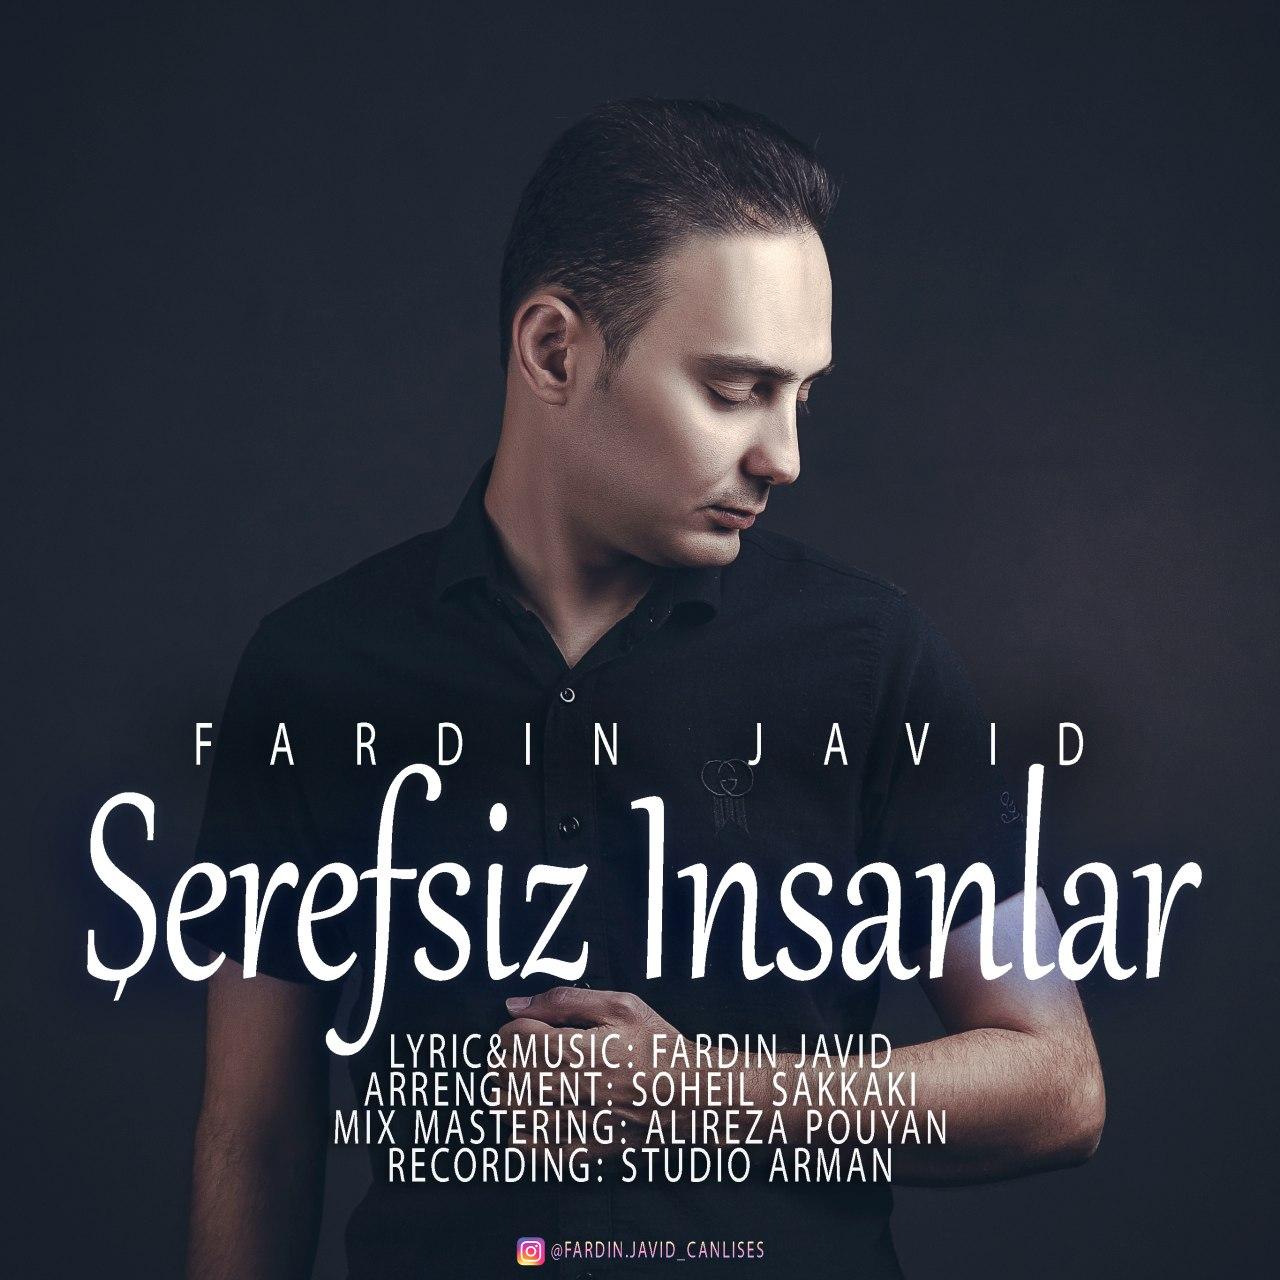 دانلود آهنگ ترکی فردین جاوید بنام شرفسیز انسانلار